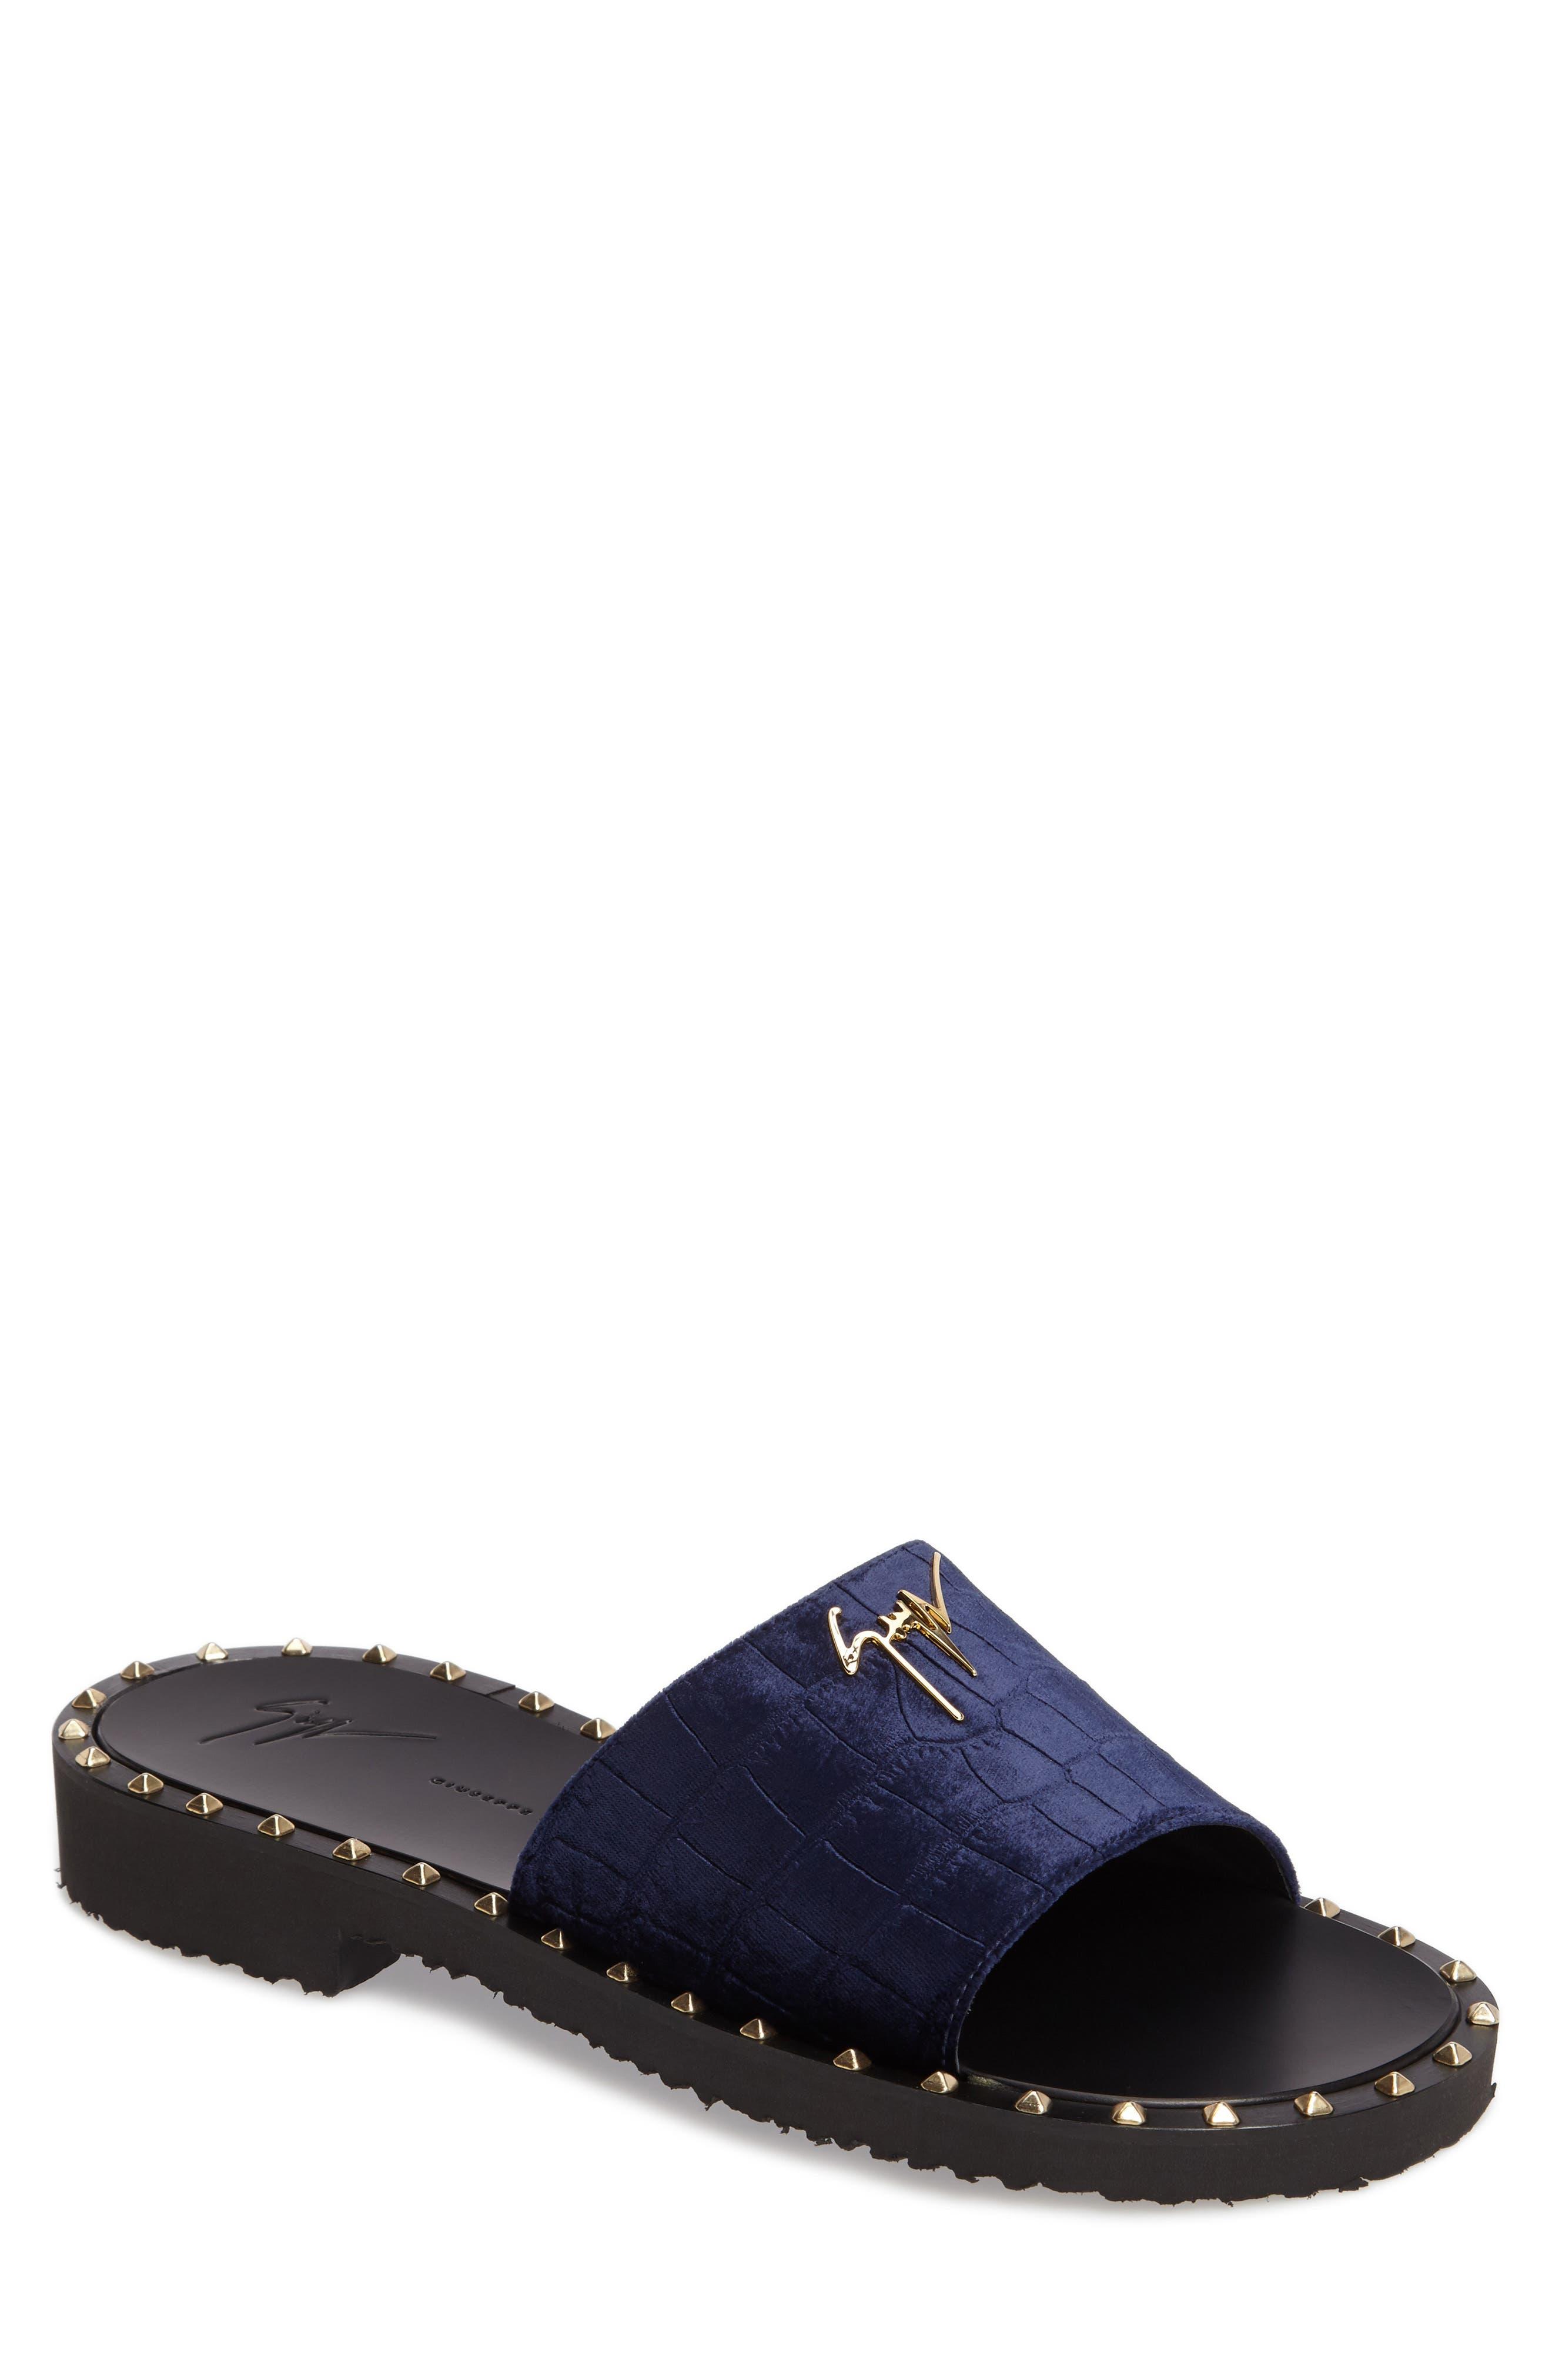 Studded Slide Sandal,                             Main thumbnail 1, color,                             Navy